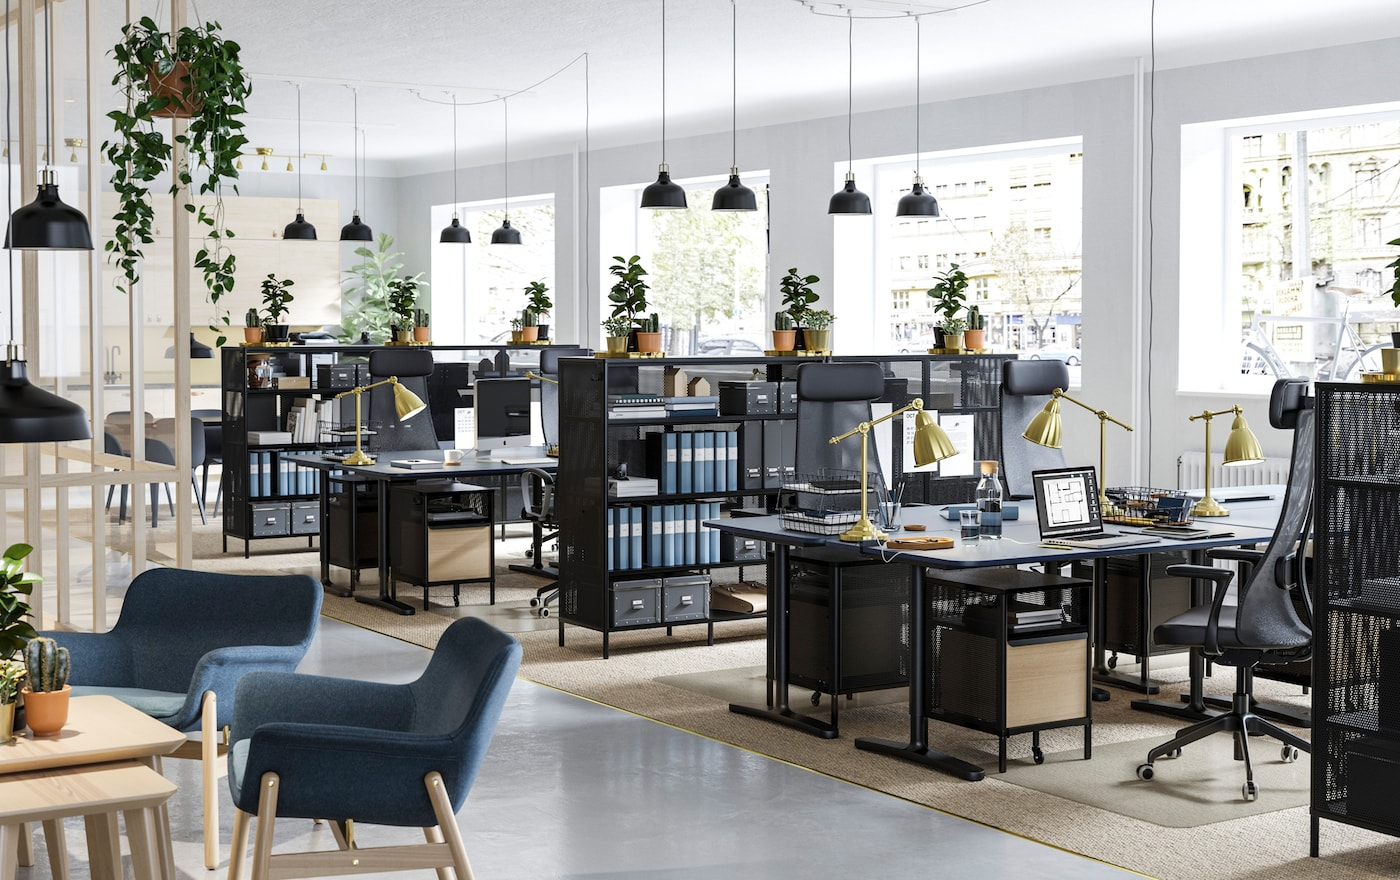 مساحة مكتب أعمالٍ مملوءةٍ بالنباتات أعلى وحدات رفوف شبكية سوداء من ايكيا BEKANT ومكاتب جلوس BEKANT السوداء.